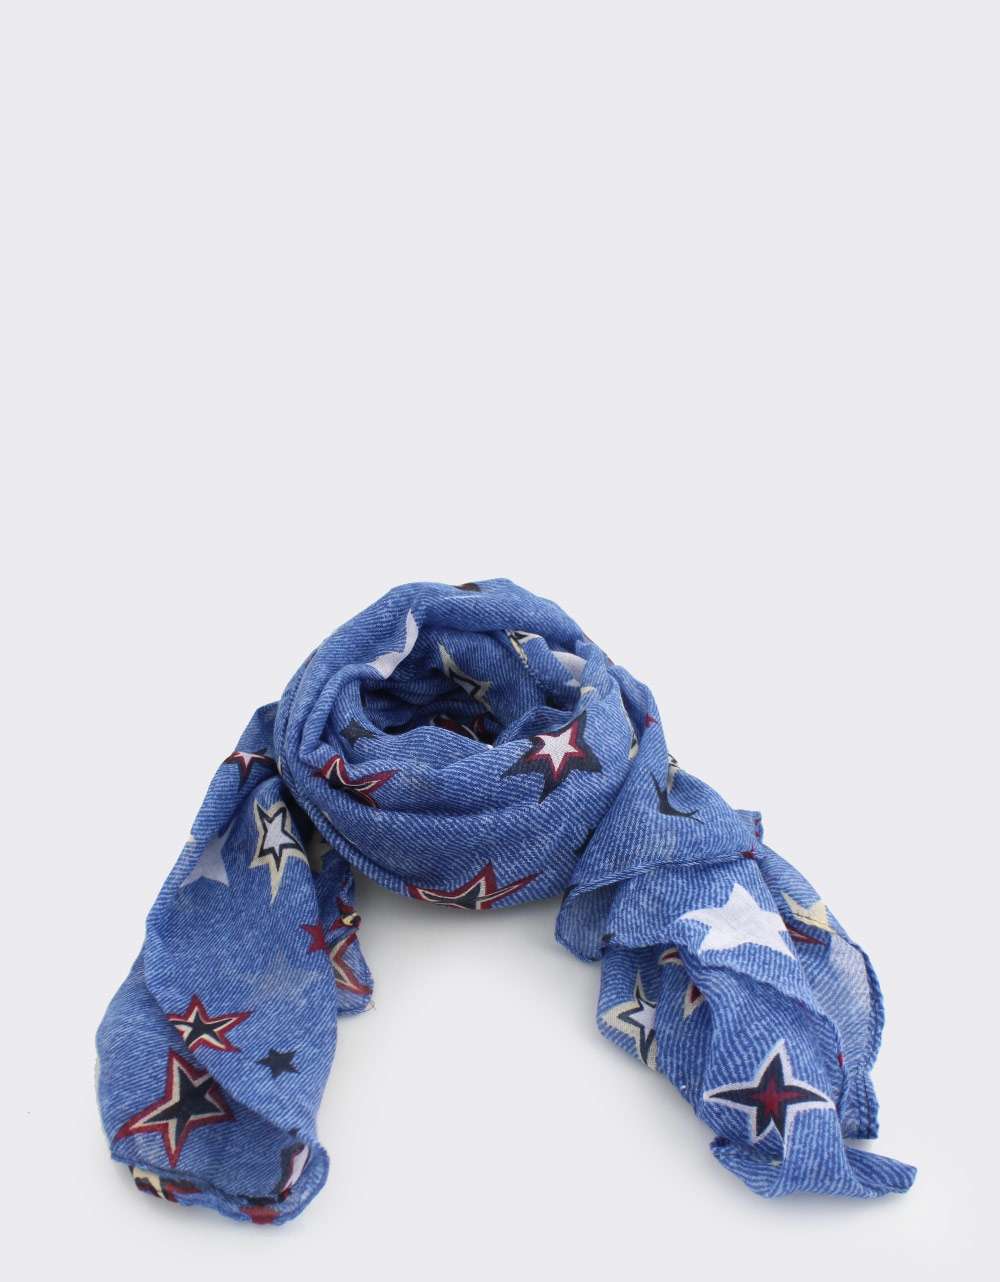 Εικόνα από Γυναικείες πασμίνες με αστεράκια Μπλε